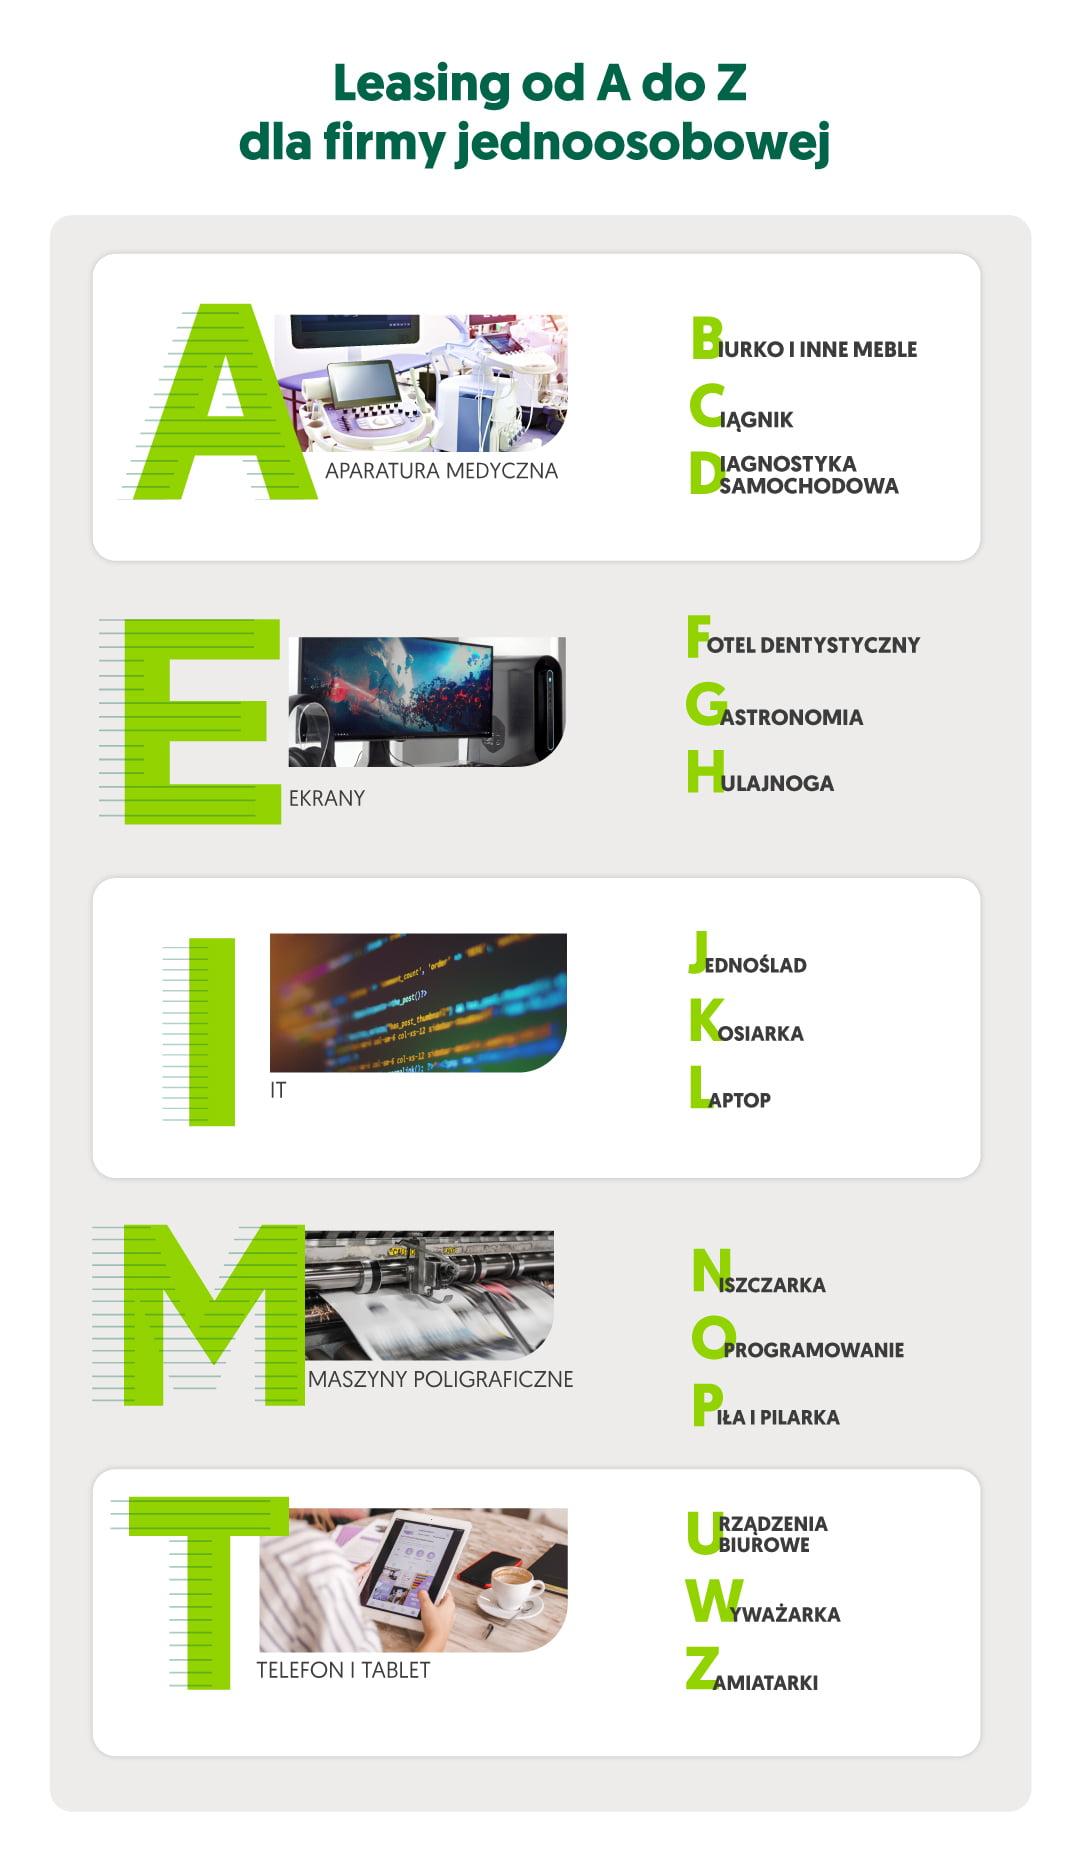 Leasing dla jednoosobowej firmy od A do Z - infografika